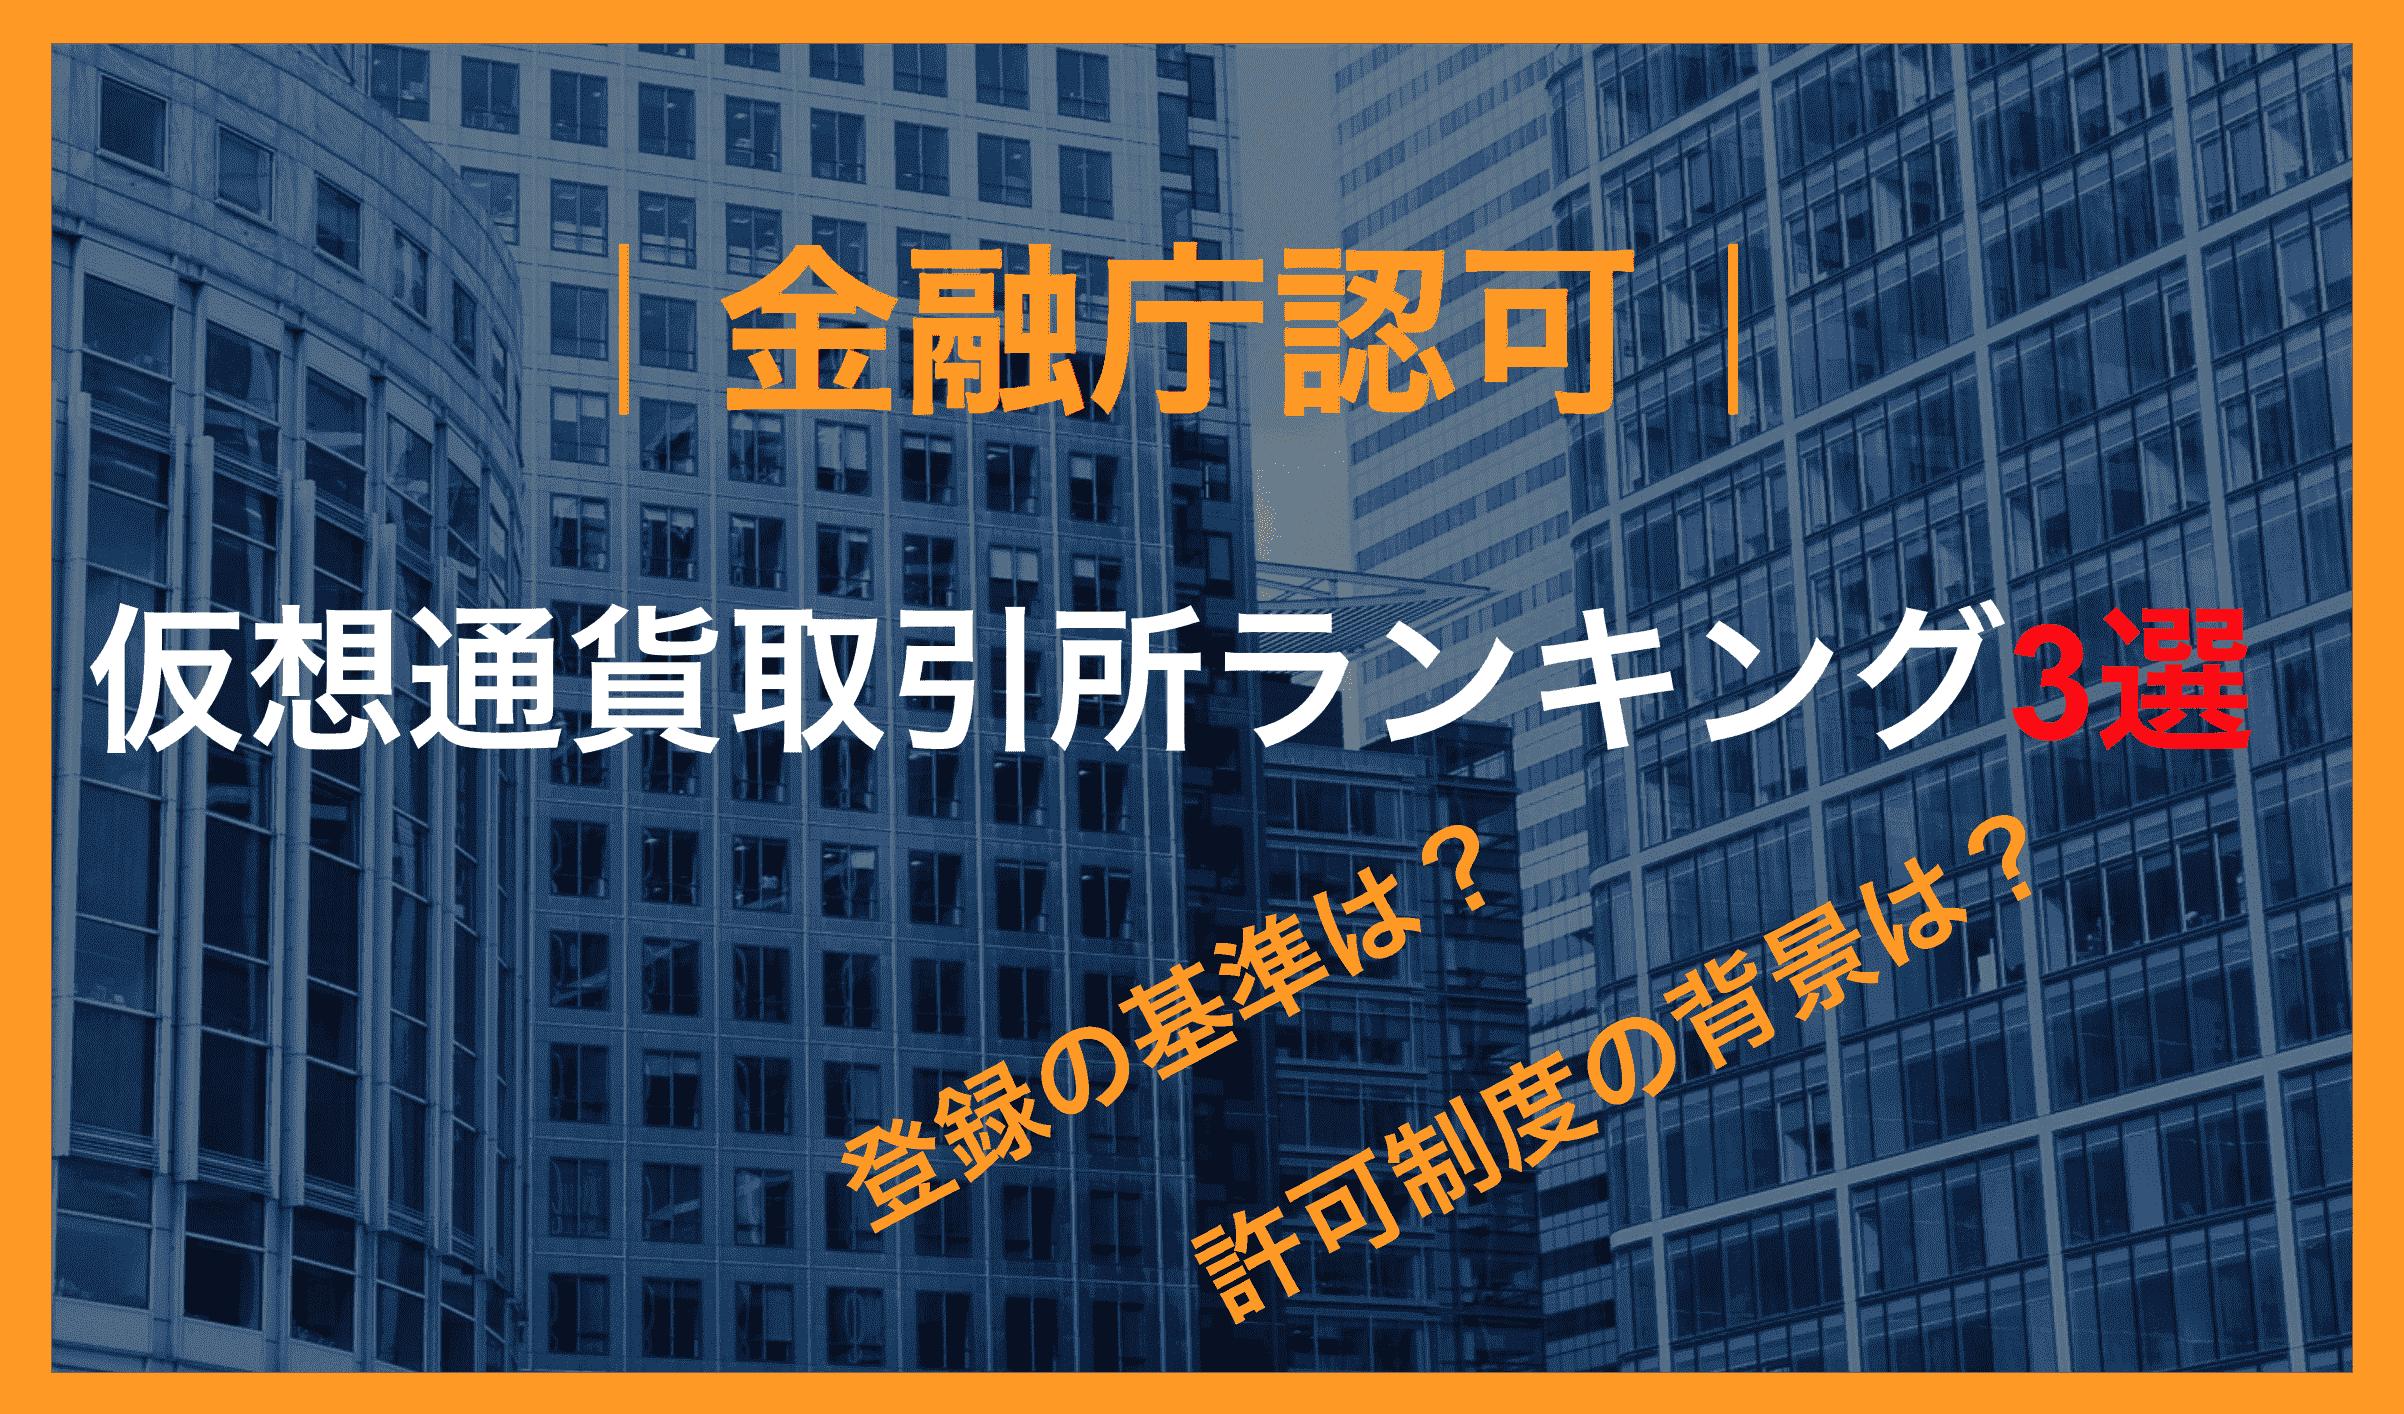 仮想通貨取引所 金融庁